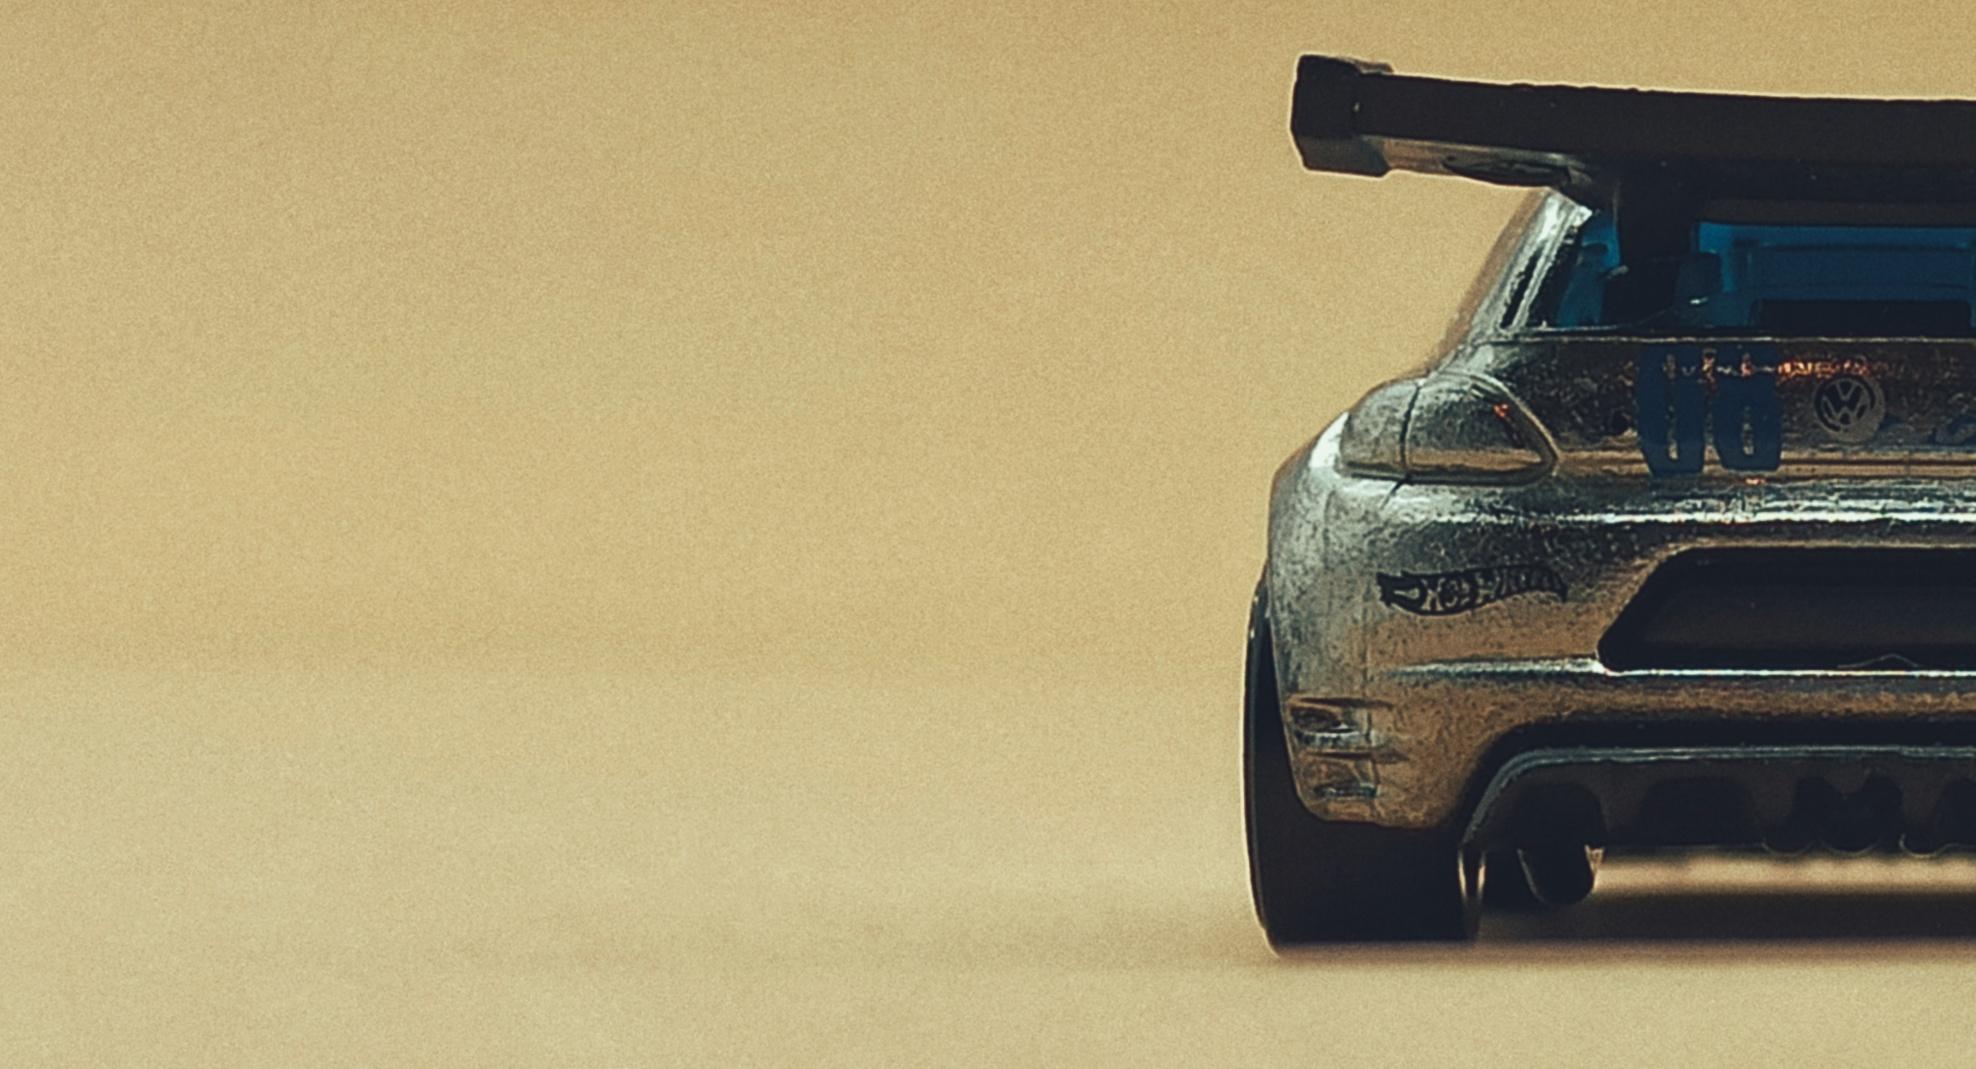 Hot Wheels Volkswagen Scirocco GT 24 (X2050) 2013 (160/250) HW Showroom: Asphalt Assault VW zamac back